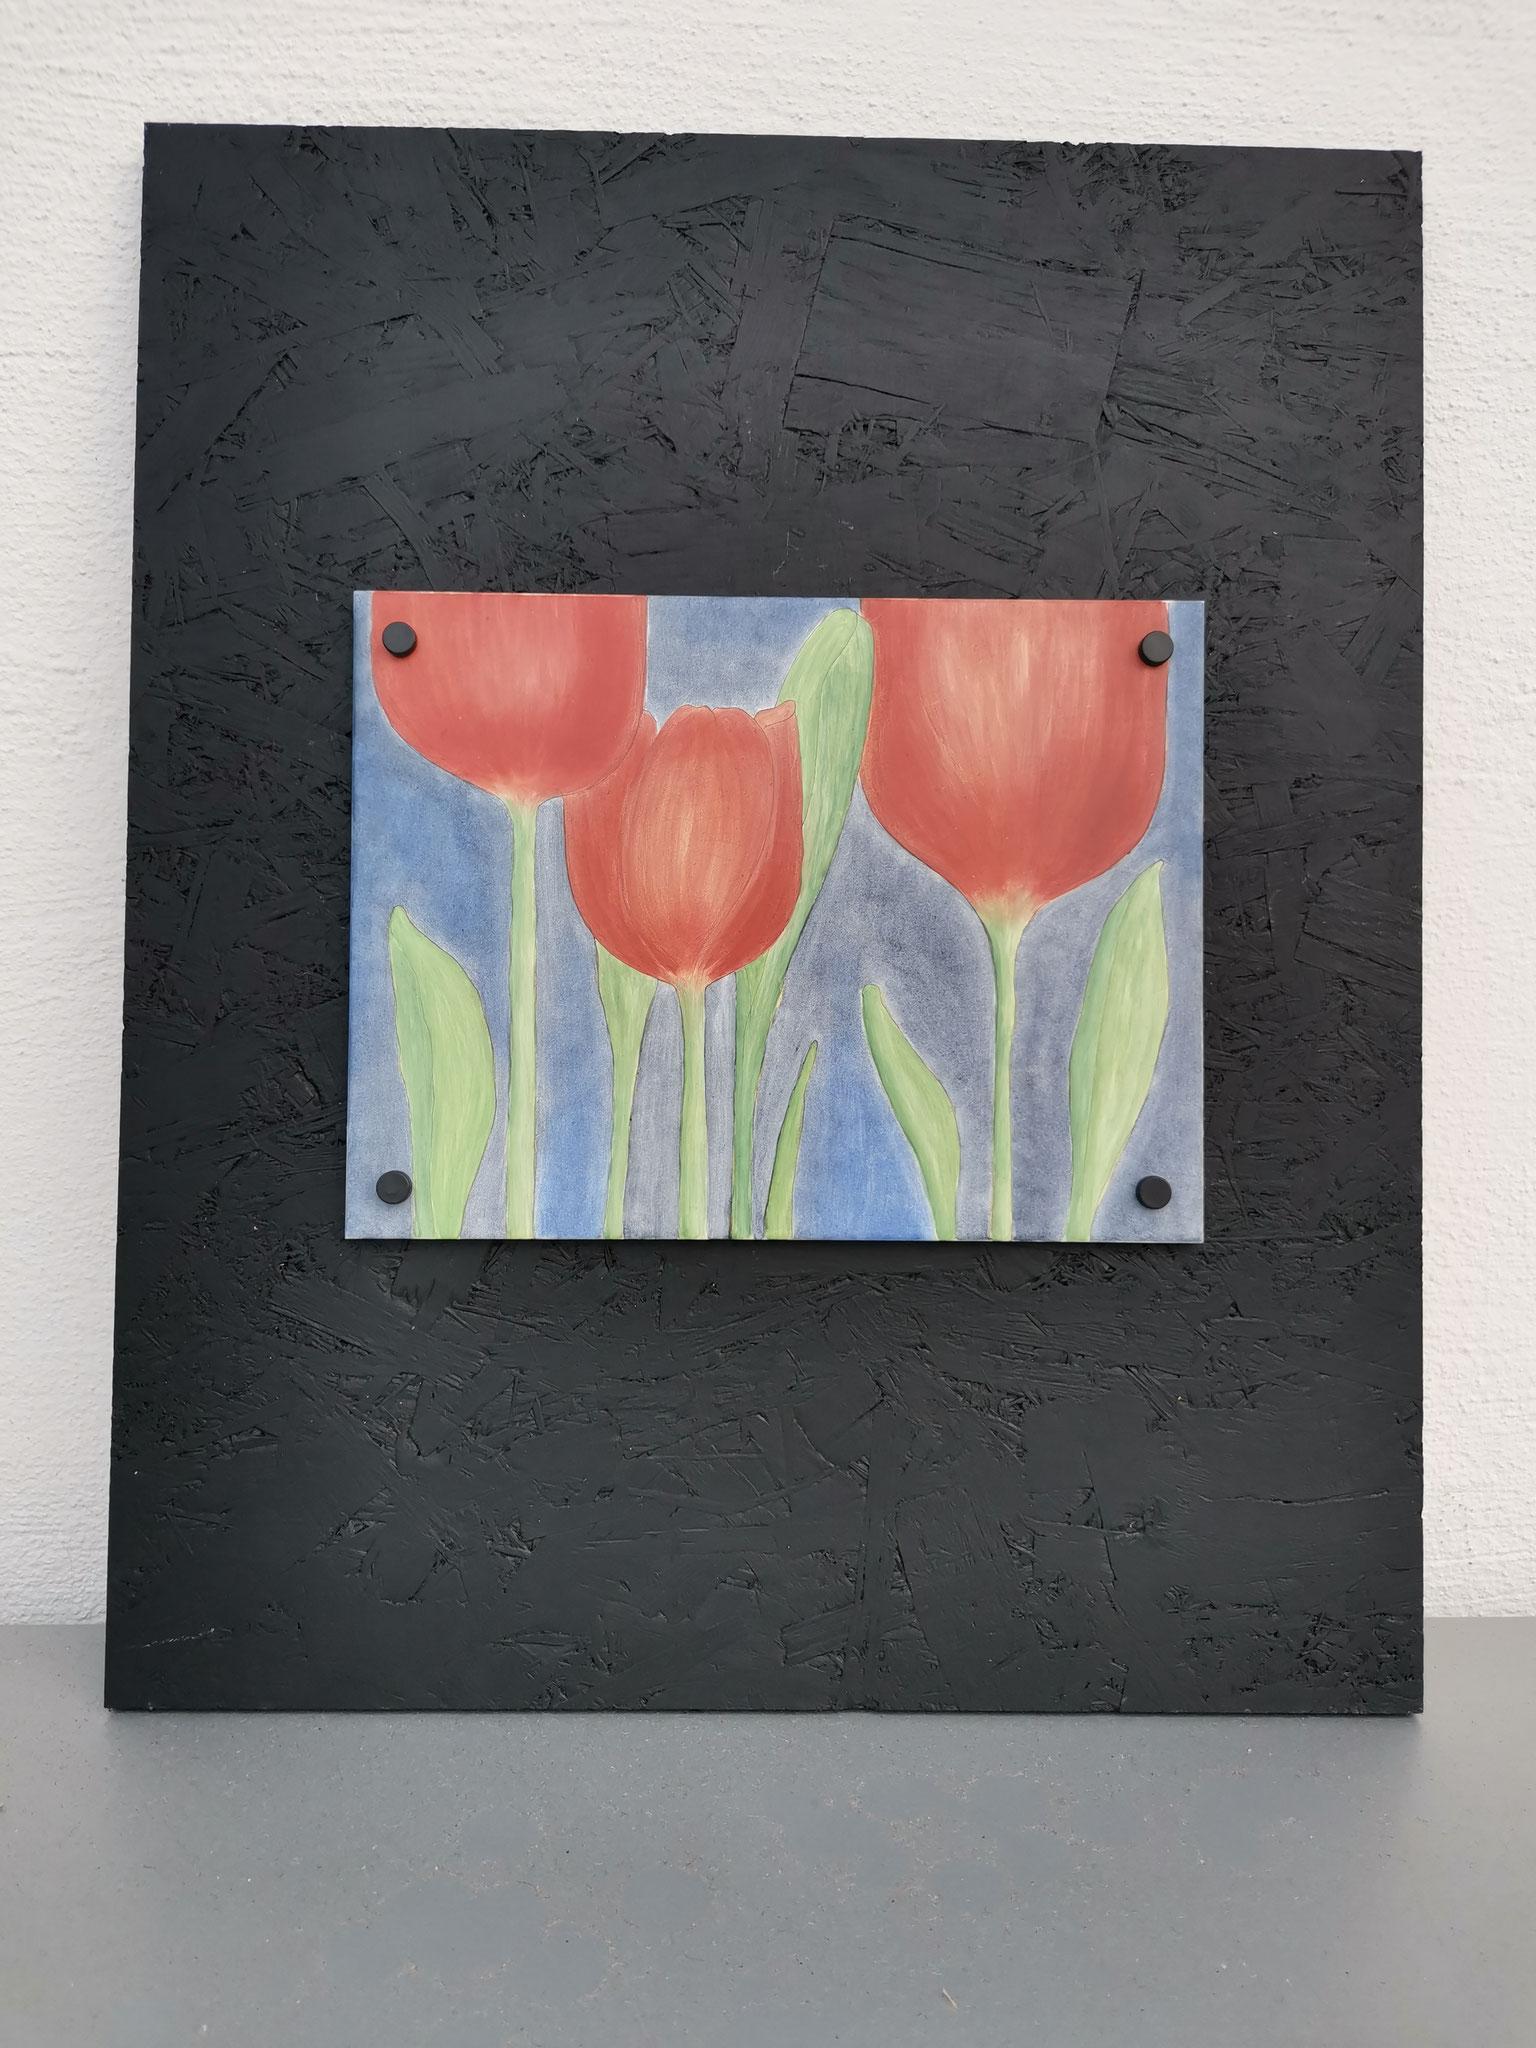 Tulpen auf OSB: Gemalt auf Keramikplatte, ca. 20x30 cm, montiert auf OSB-Platte